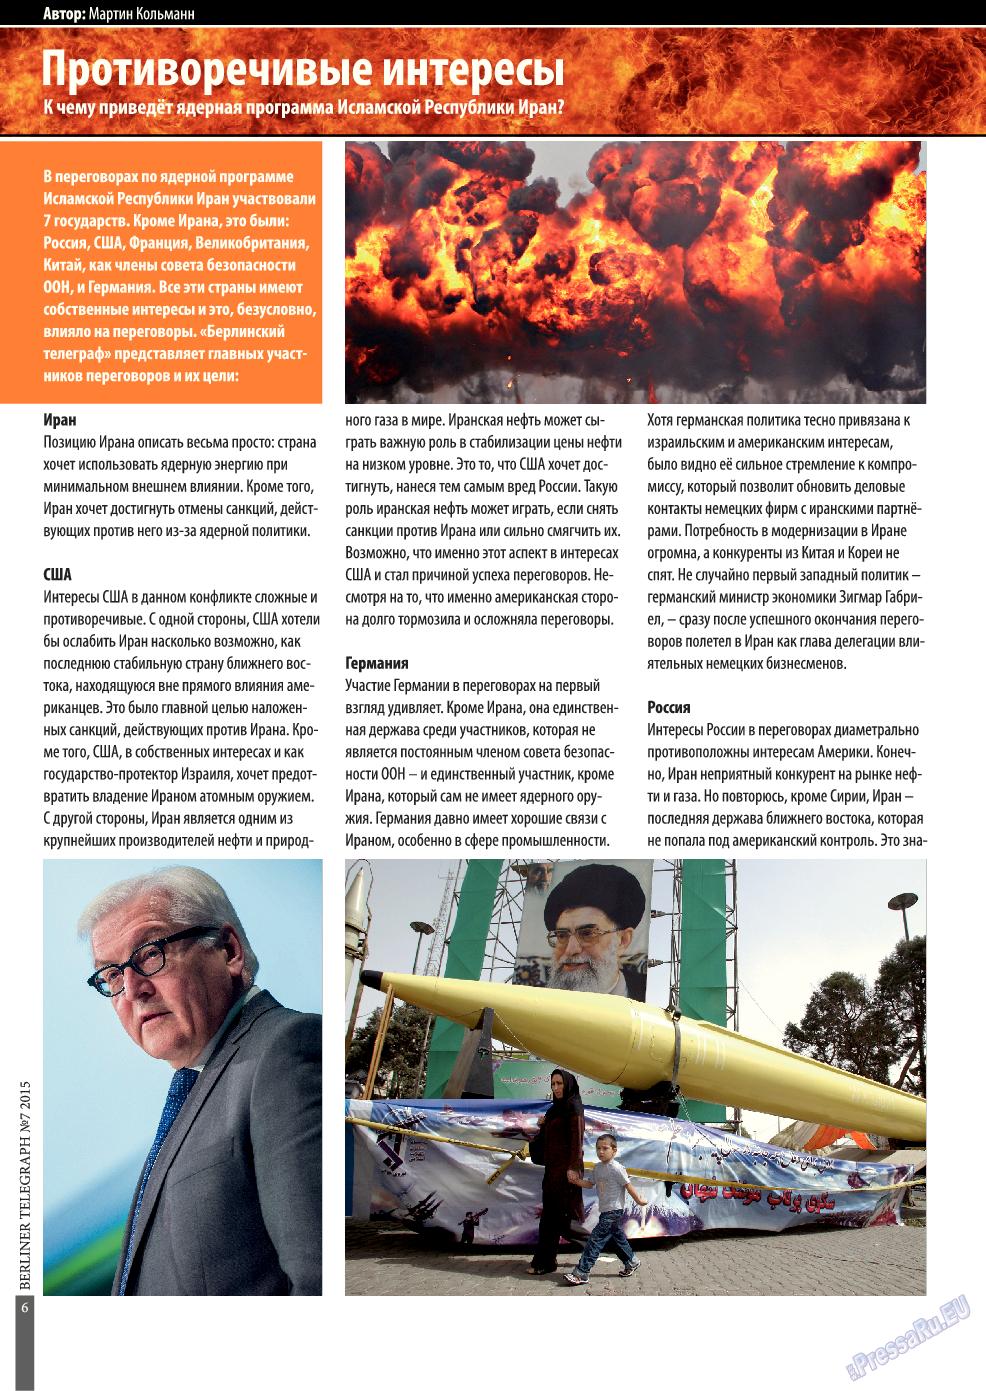 Берлинский телеграф (журнал). 2015 год, номер 8, стр. 6